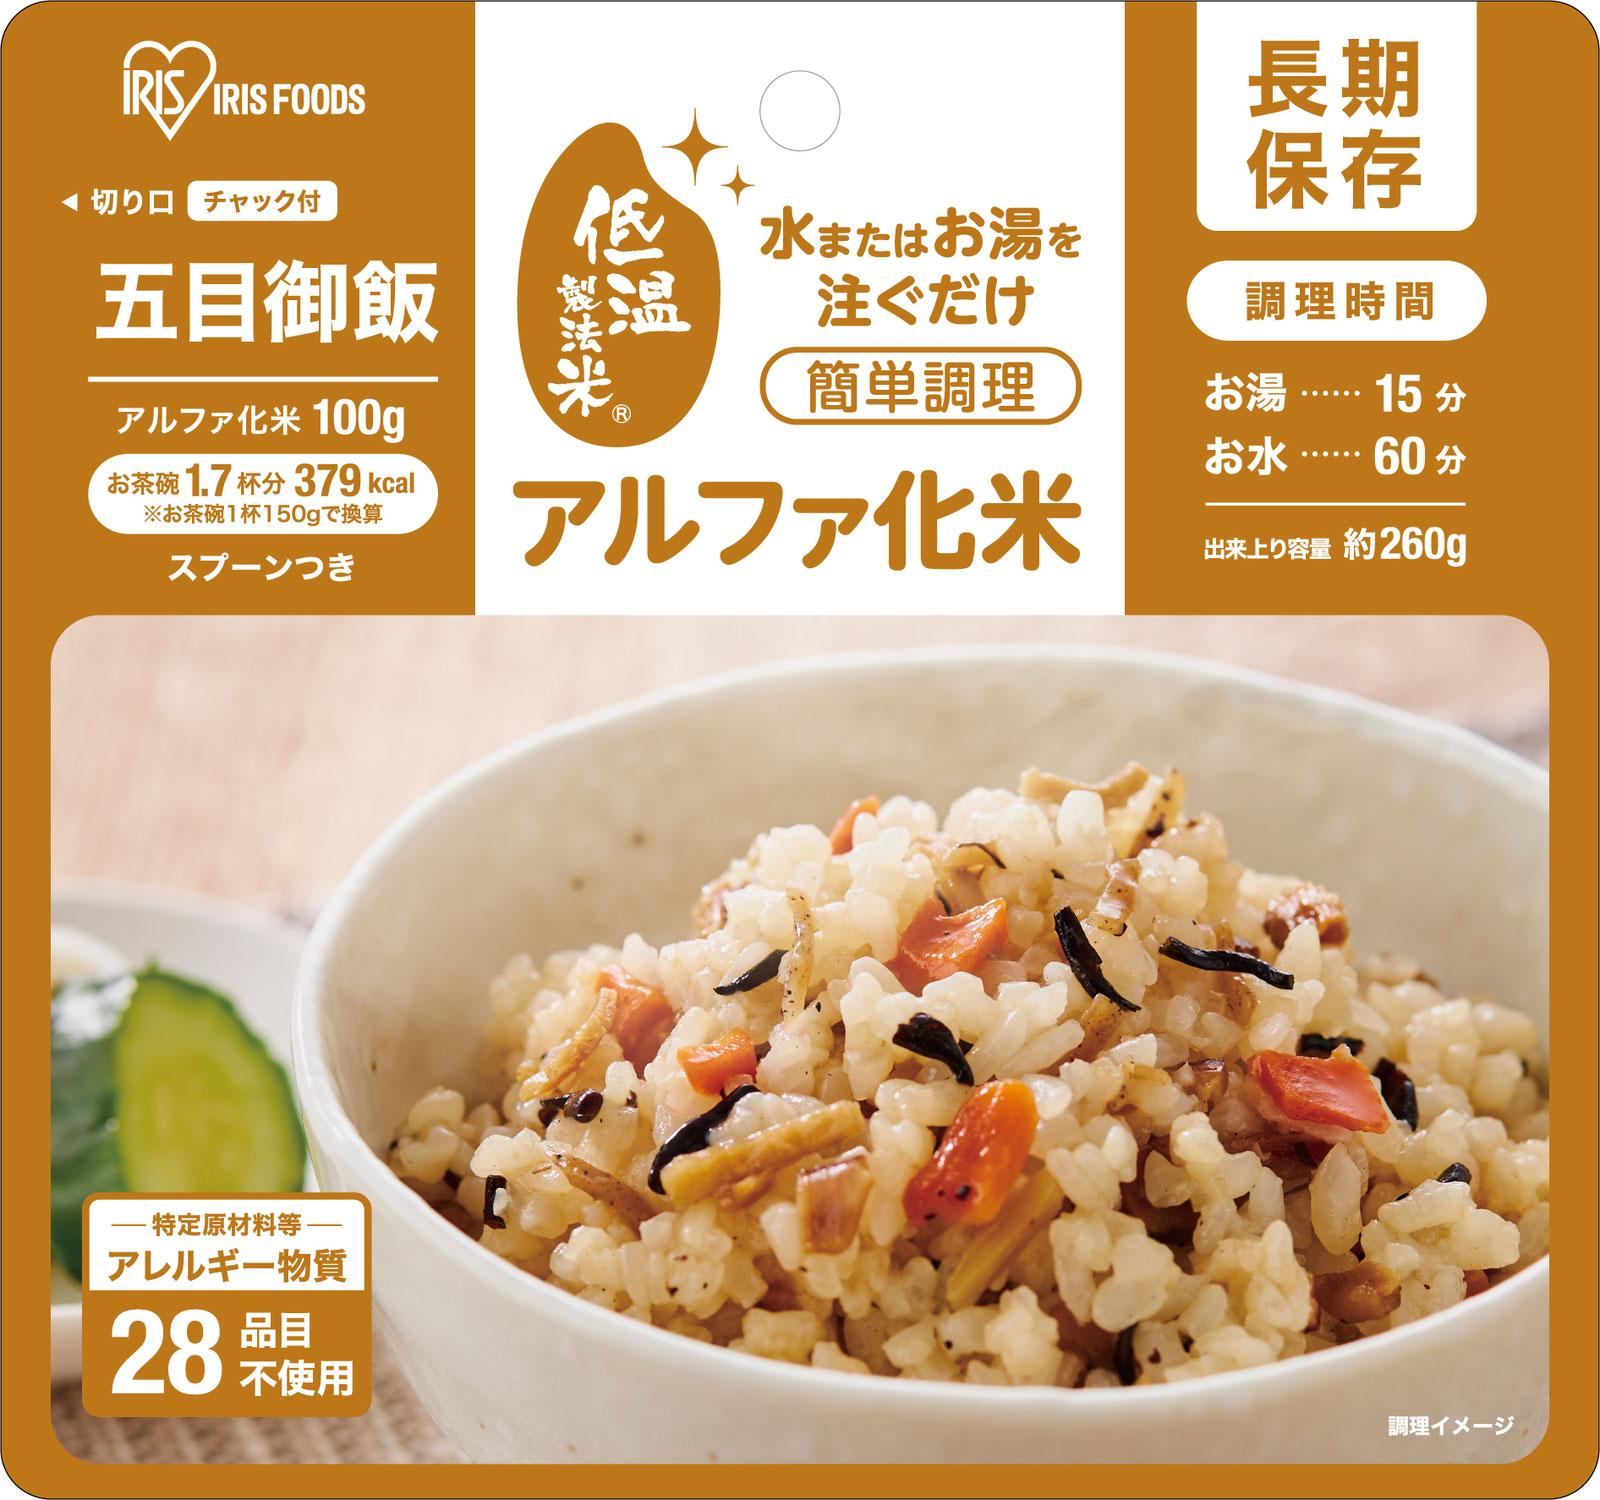 水を注ぐだけでごはんができる防災食「低温製法米® アルファ化米」発売